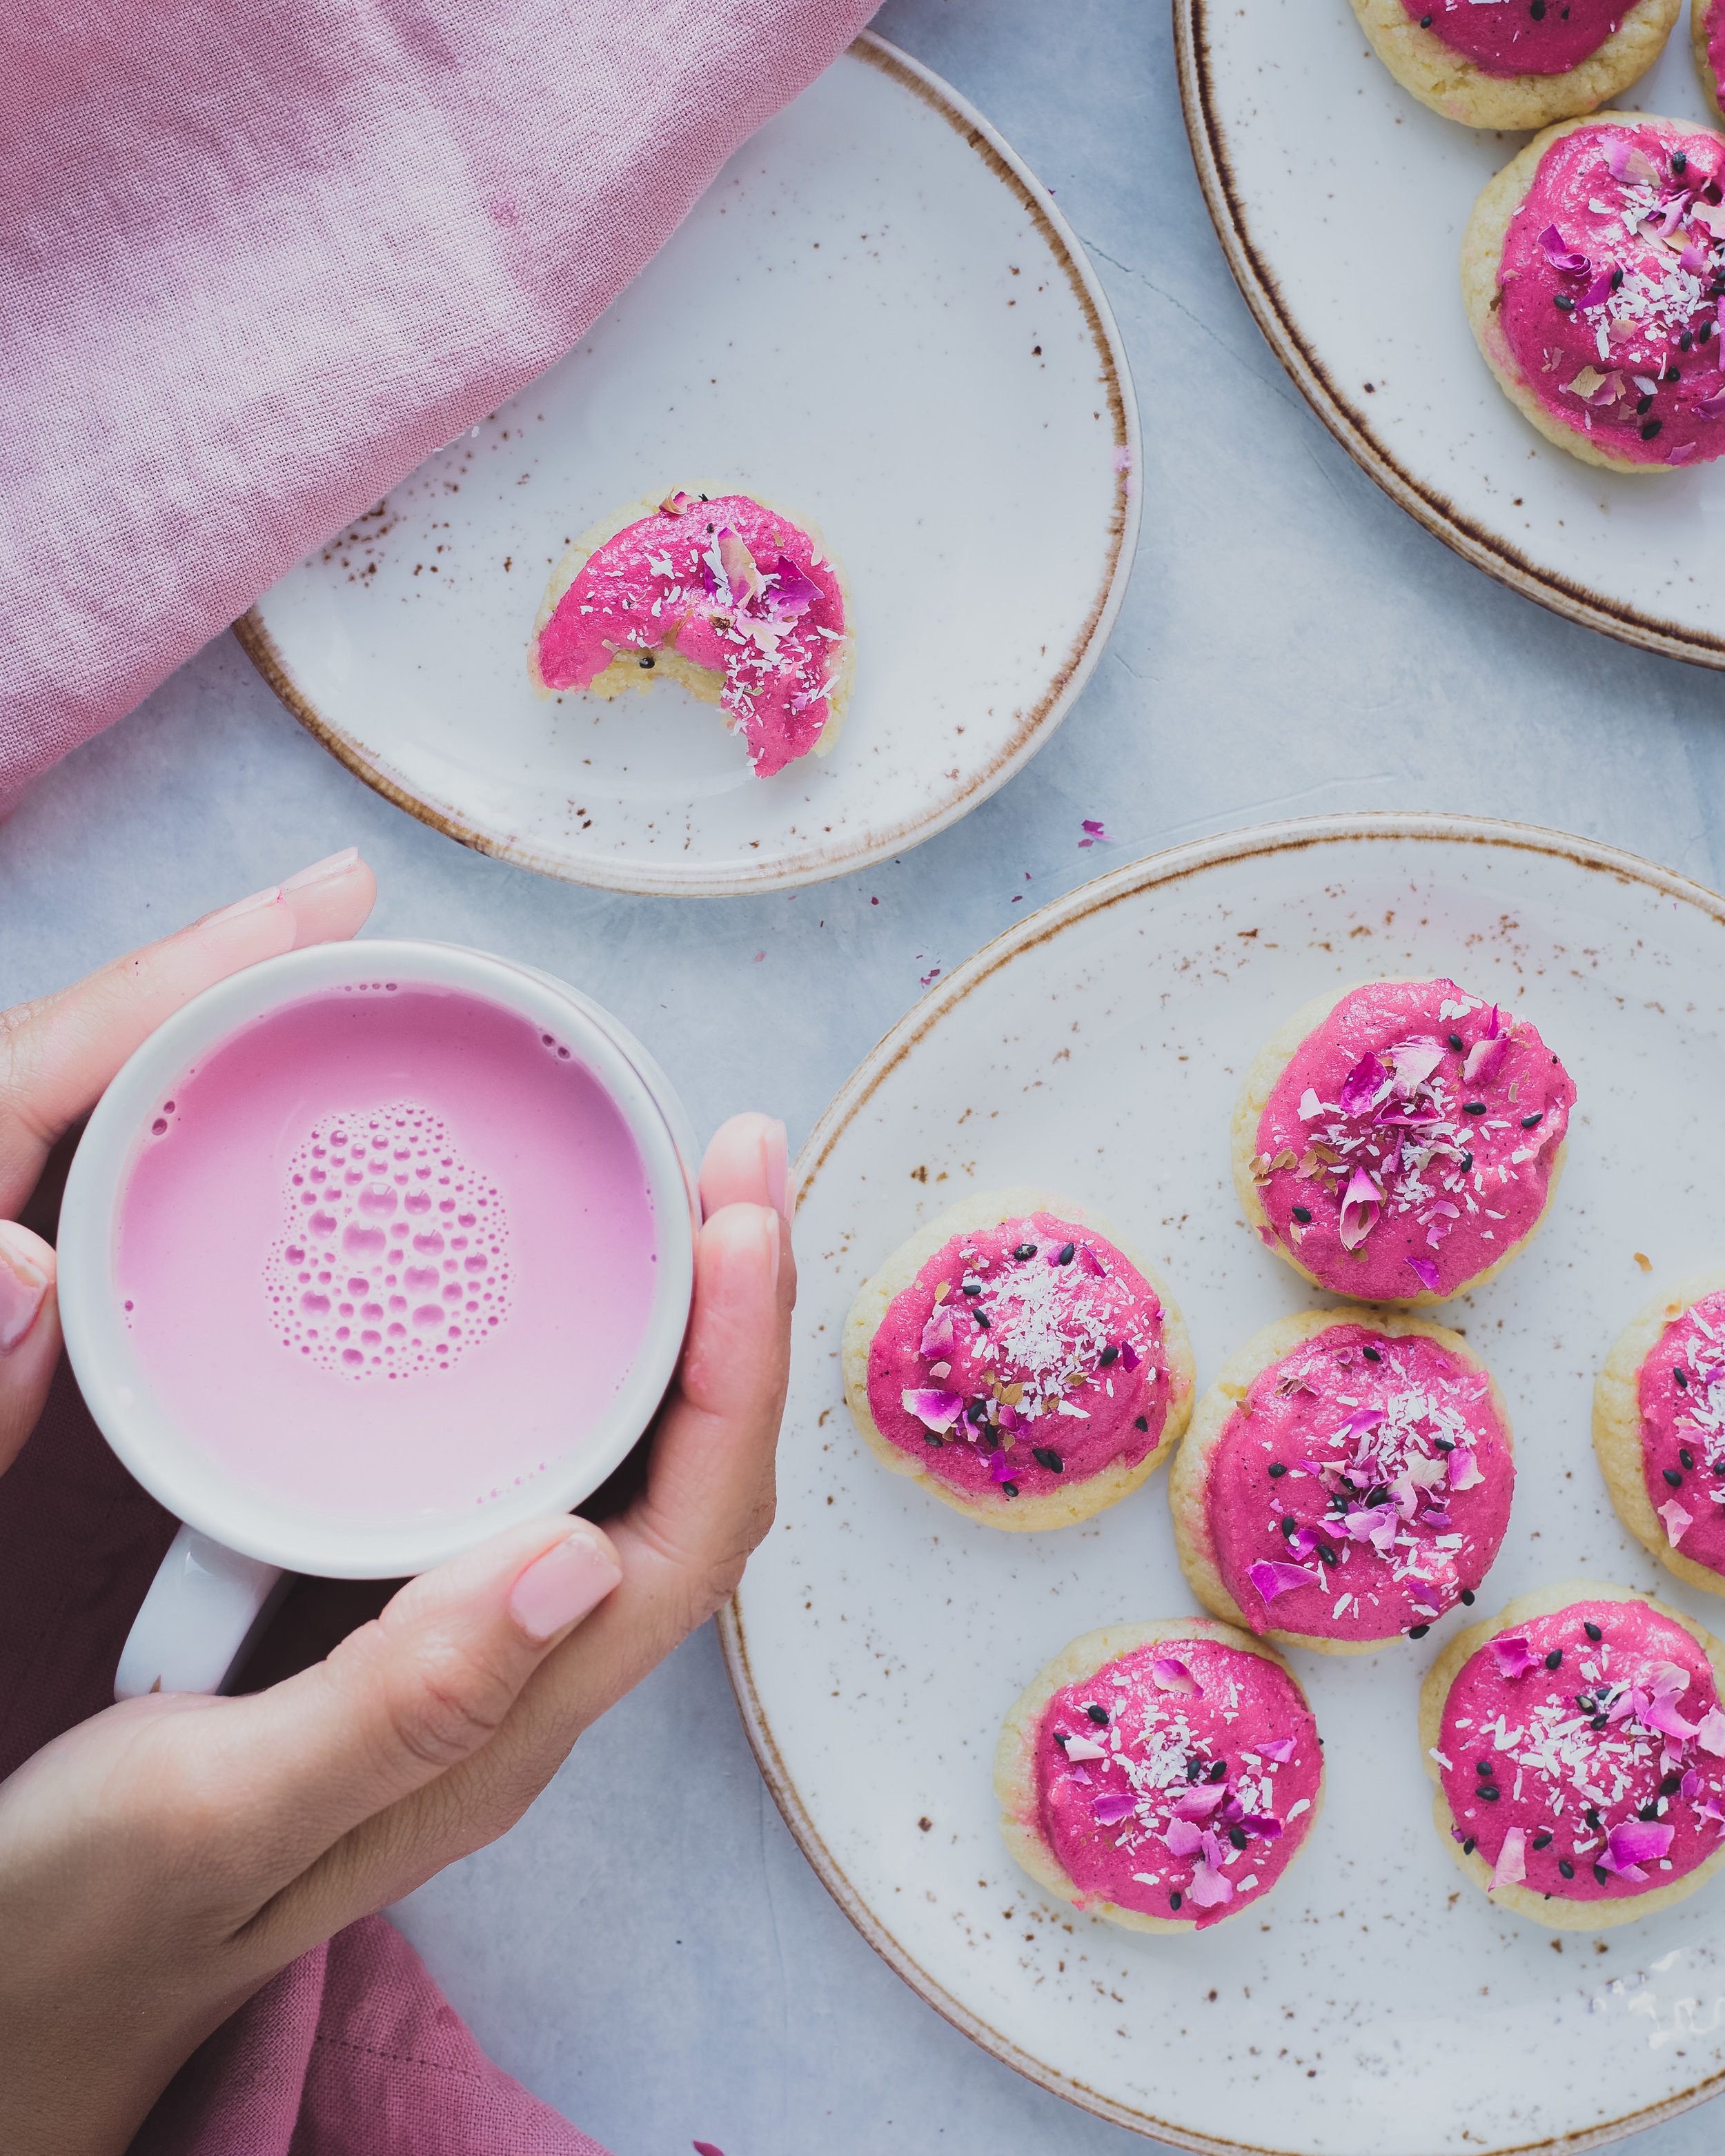 beet cookies latte lm (1 of 1).jpg